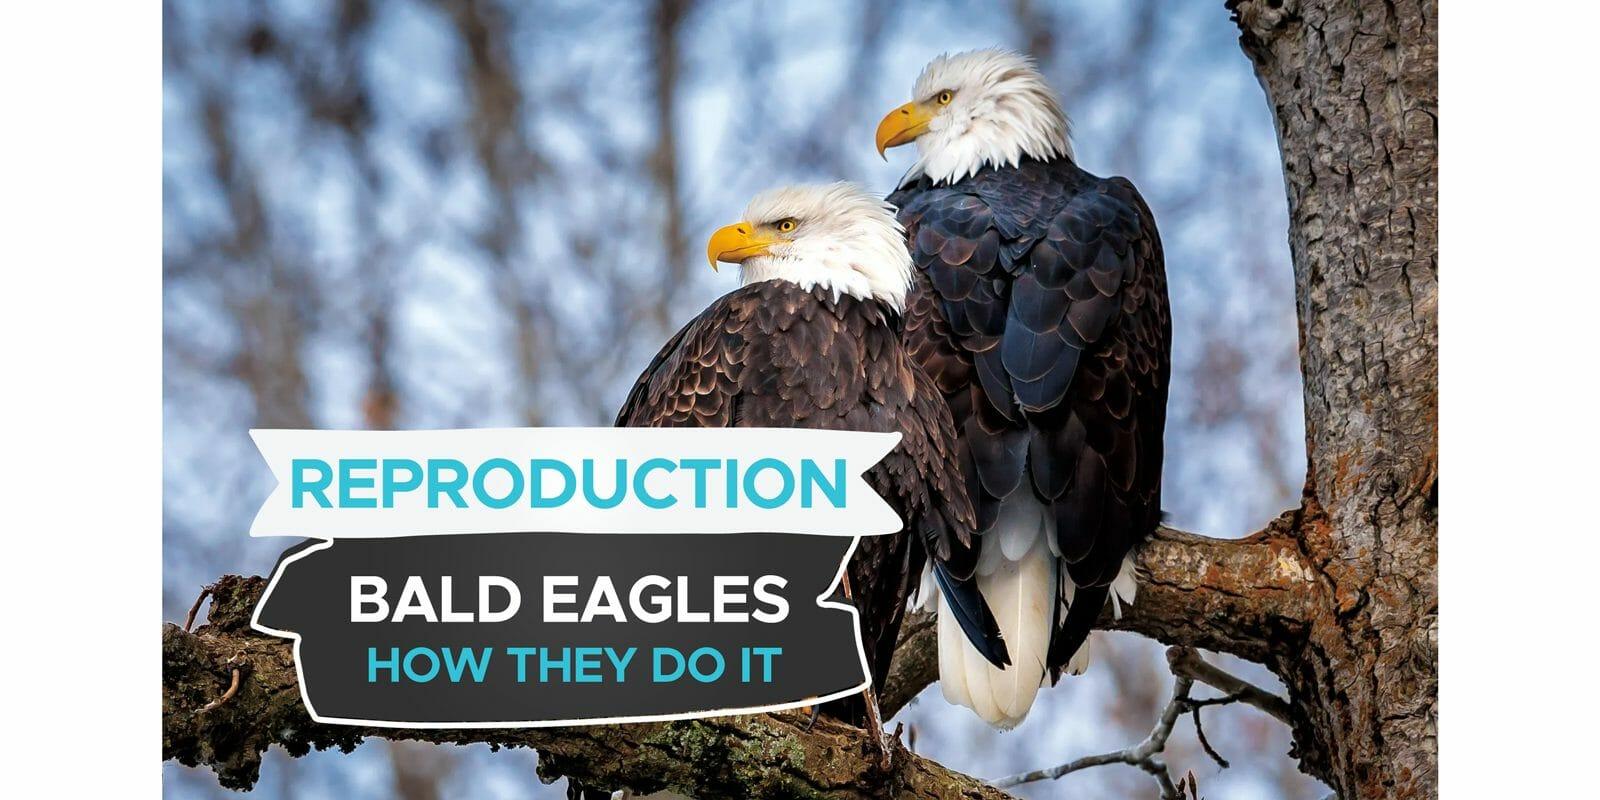 how do bald eagles reproduce